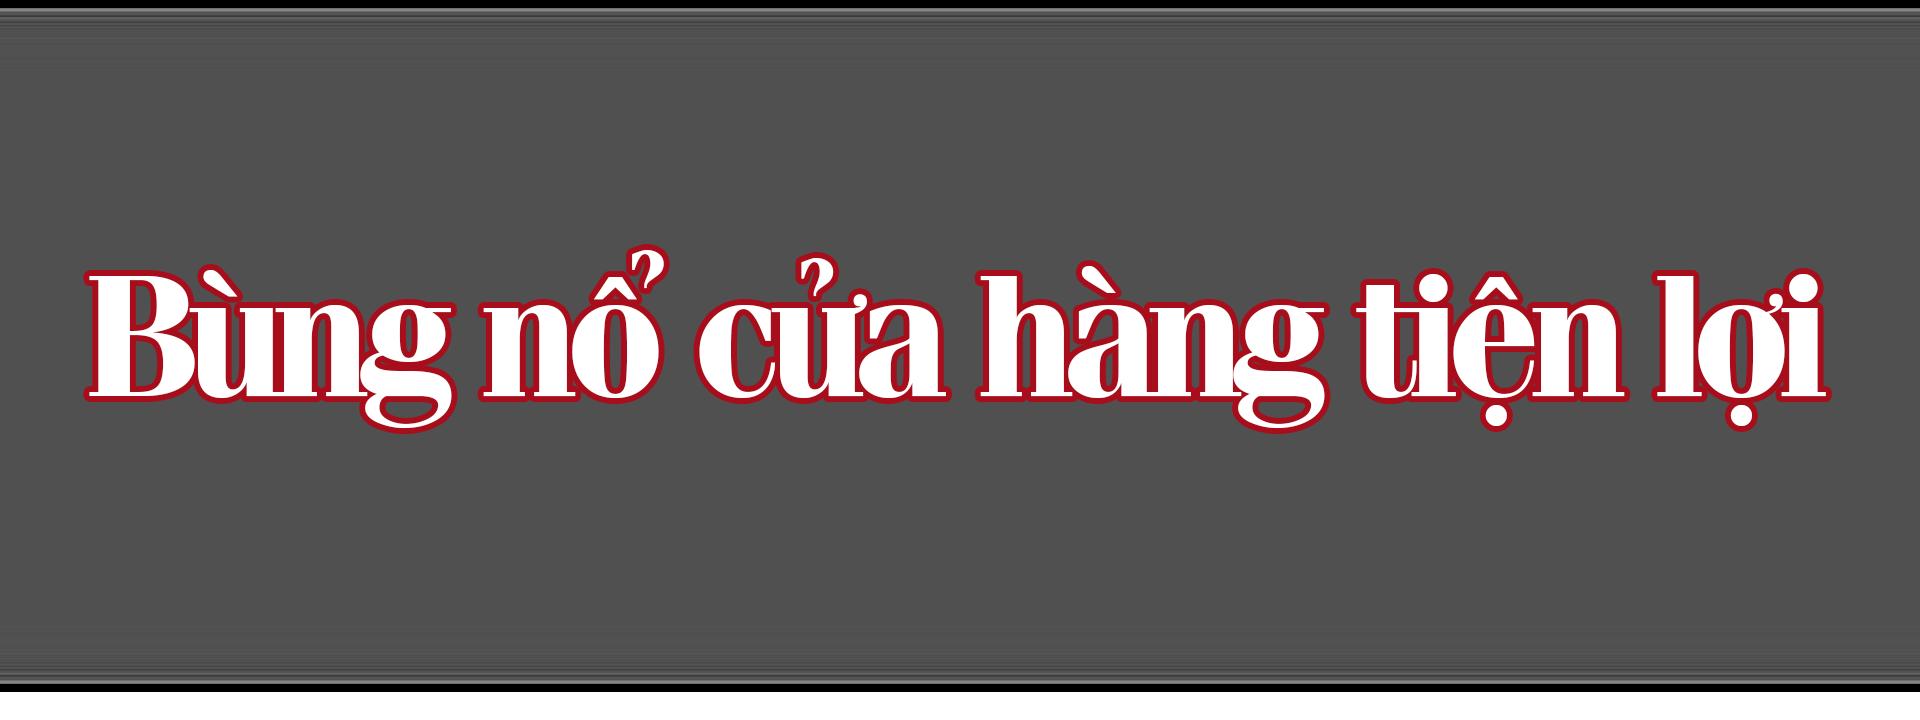 [eMagazine] - Toàn cảnh thị trường bán lẻ Việt Nam: Cuộc chơi chỉ mới bắt đầu! - Ảnh 1.